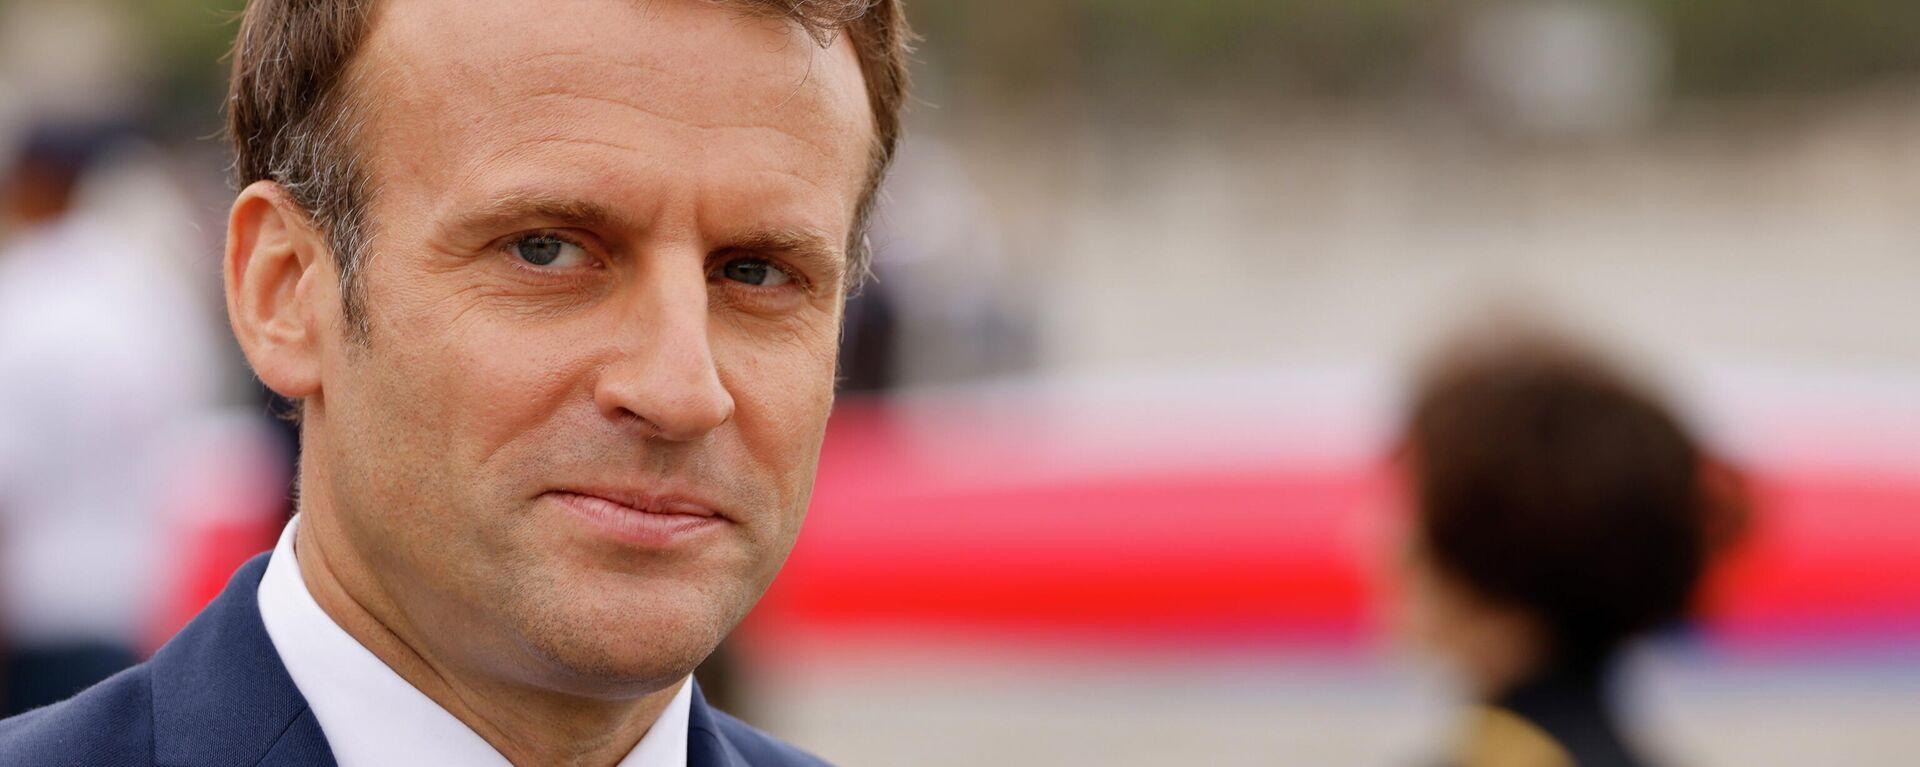 Frankreichs Präsident Emmanuel Macron - SNA, 1920, 14.07.2021